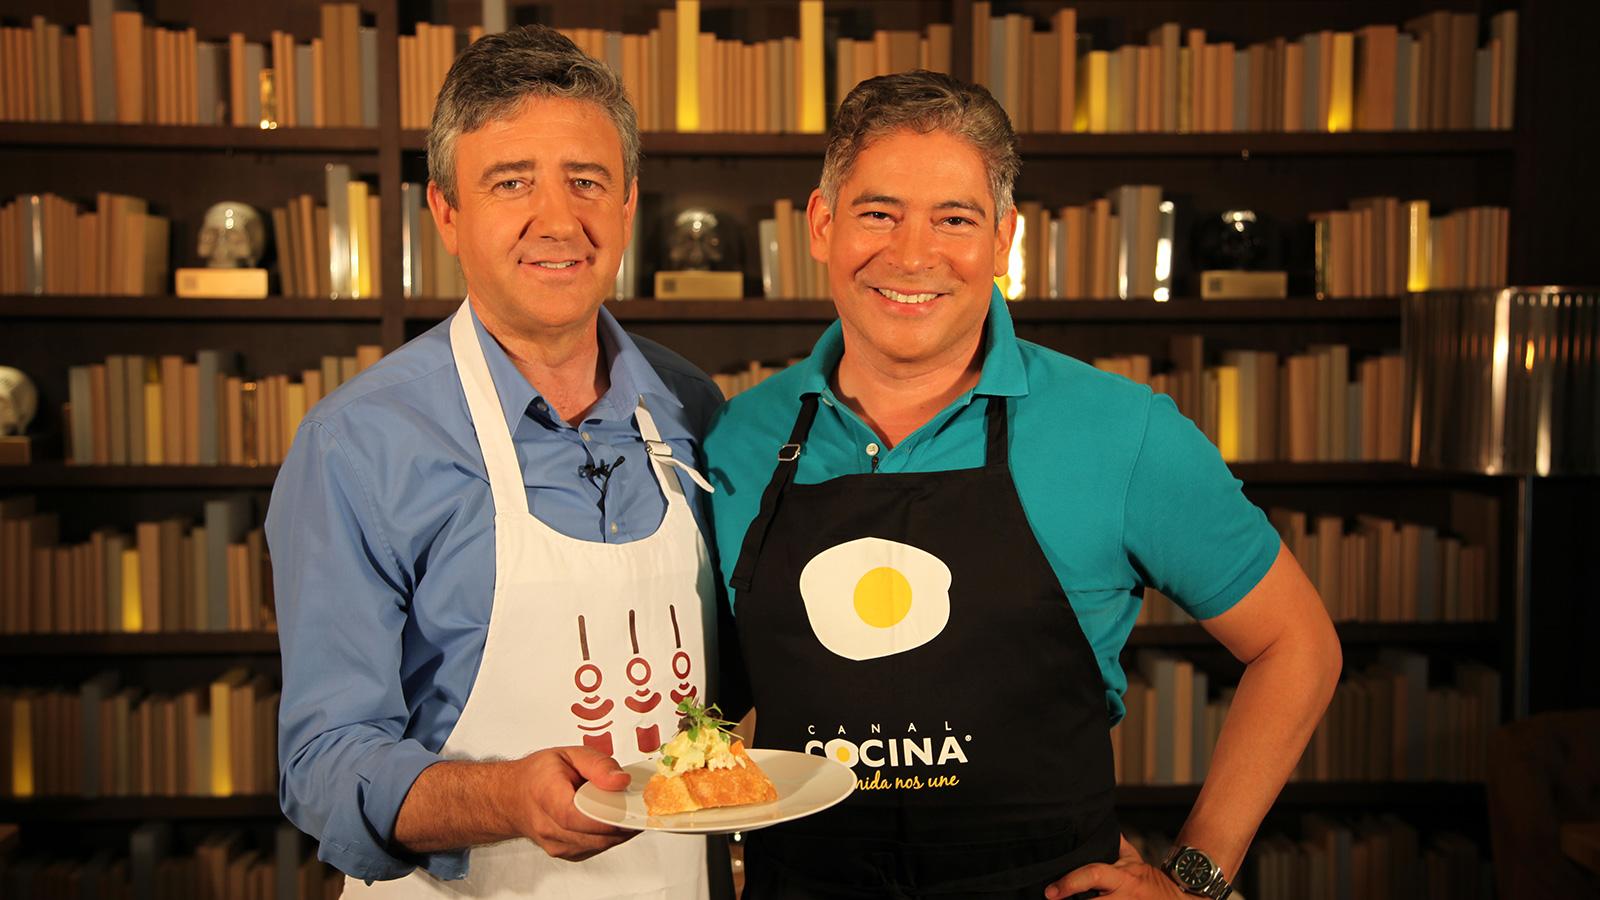 Boris izaguirre cocineros canal cocina - Canal cocina cocineros ...